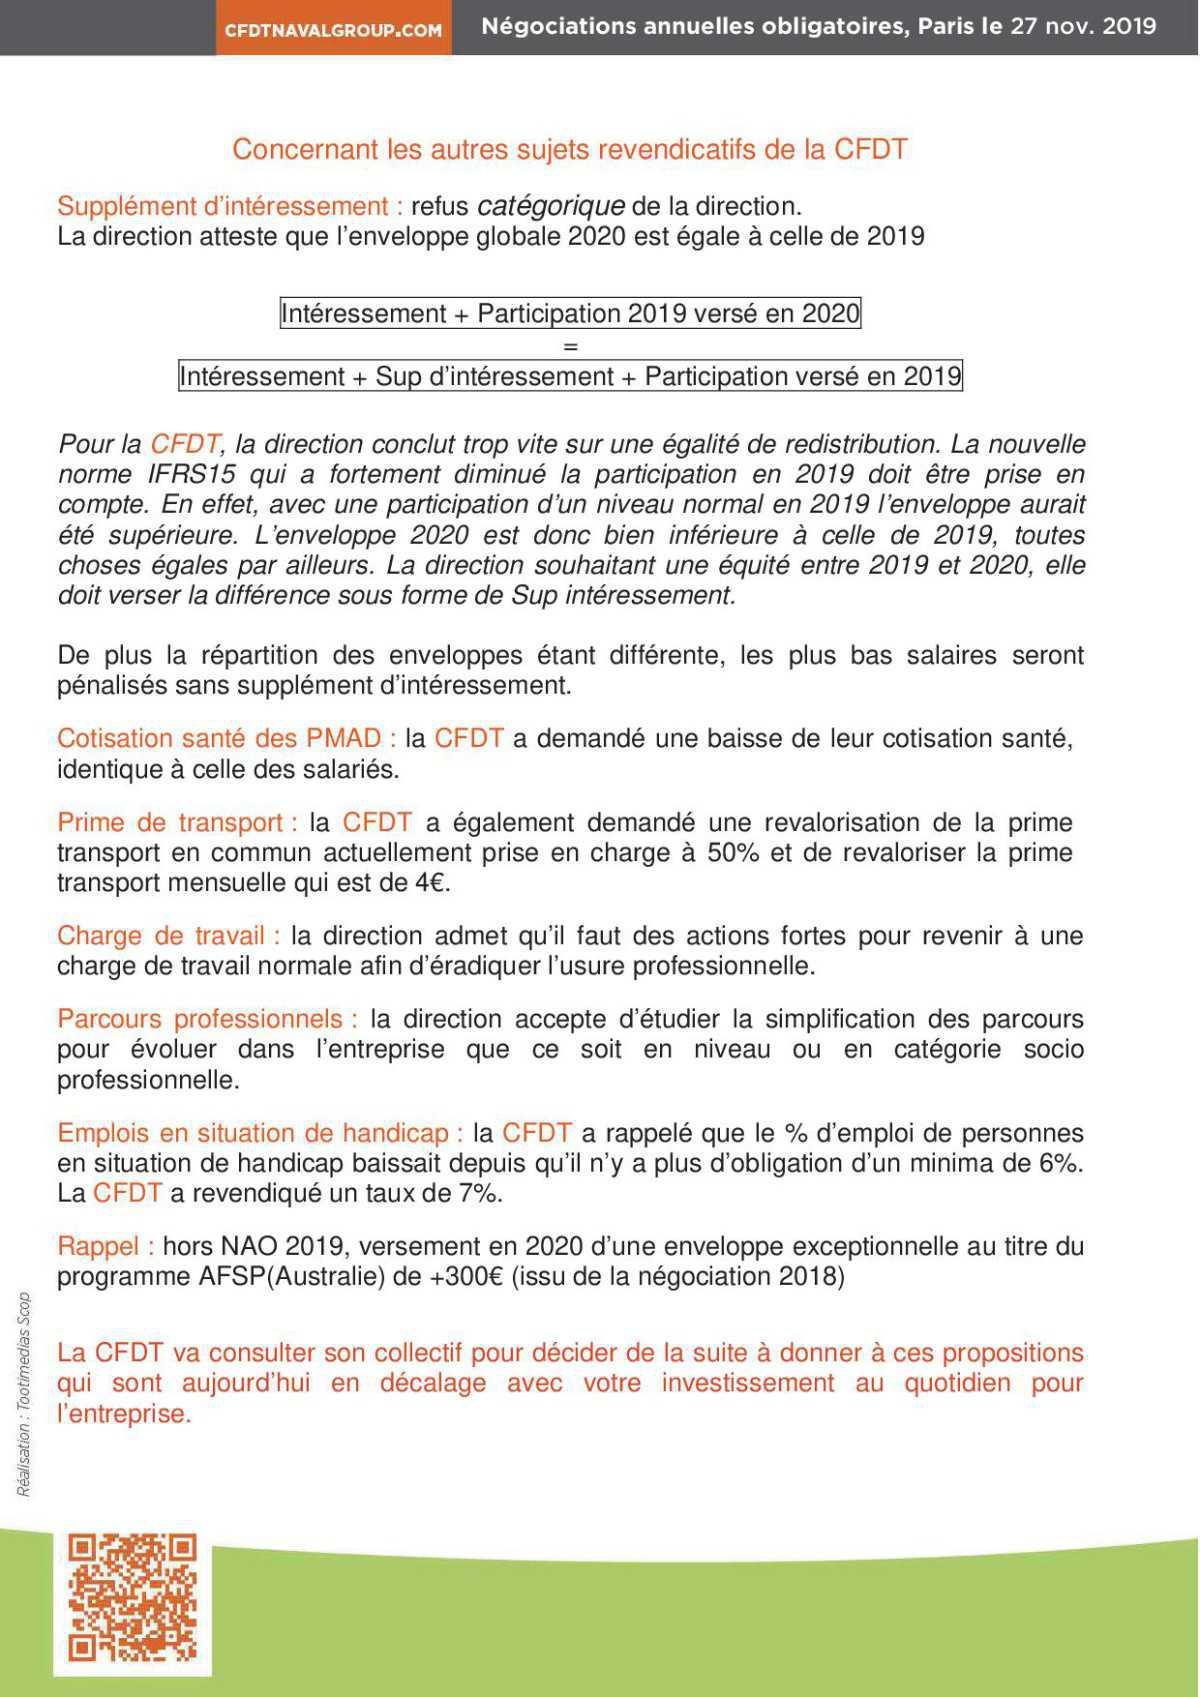 1ere réunion NAO 2020 : Propositions modestes de la Direction